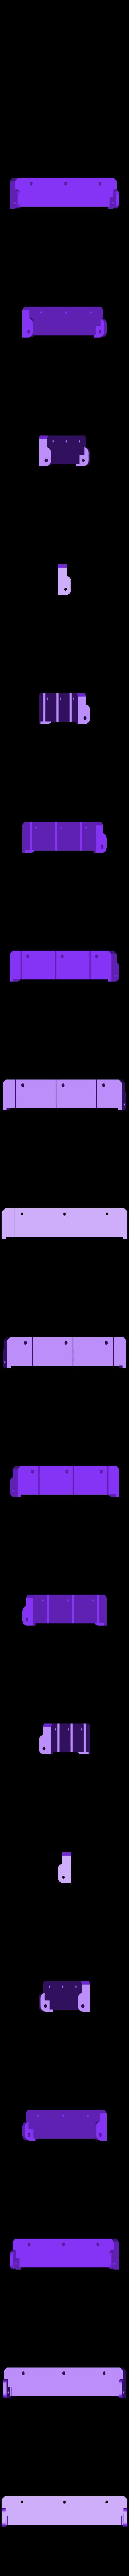 PCB_Wozek.stl Télécharger fichier STL gratuit Porte-cartes • Plan pour imprimante 3D, kpawel